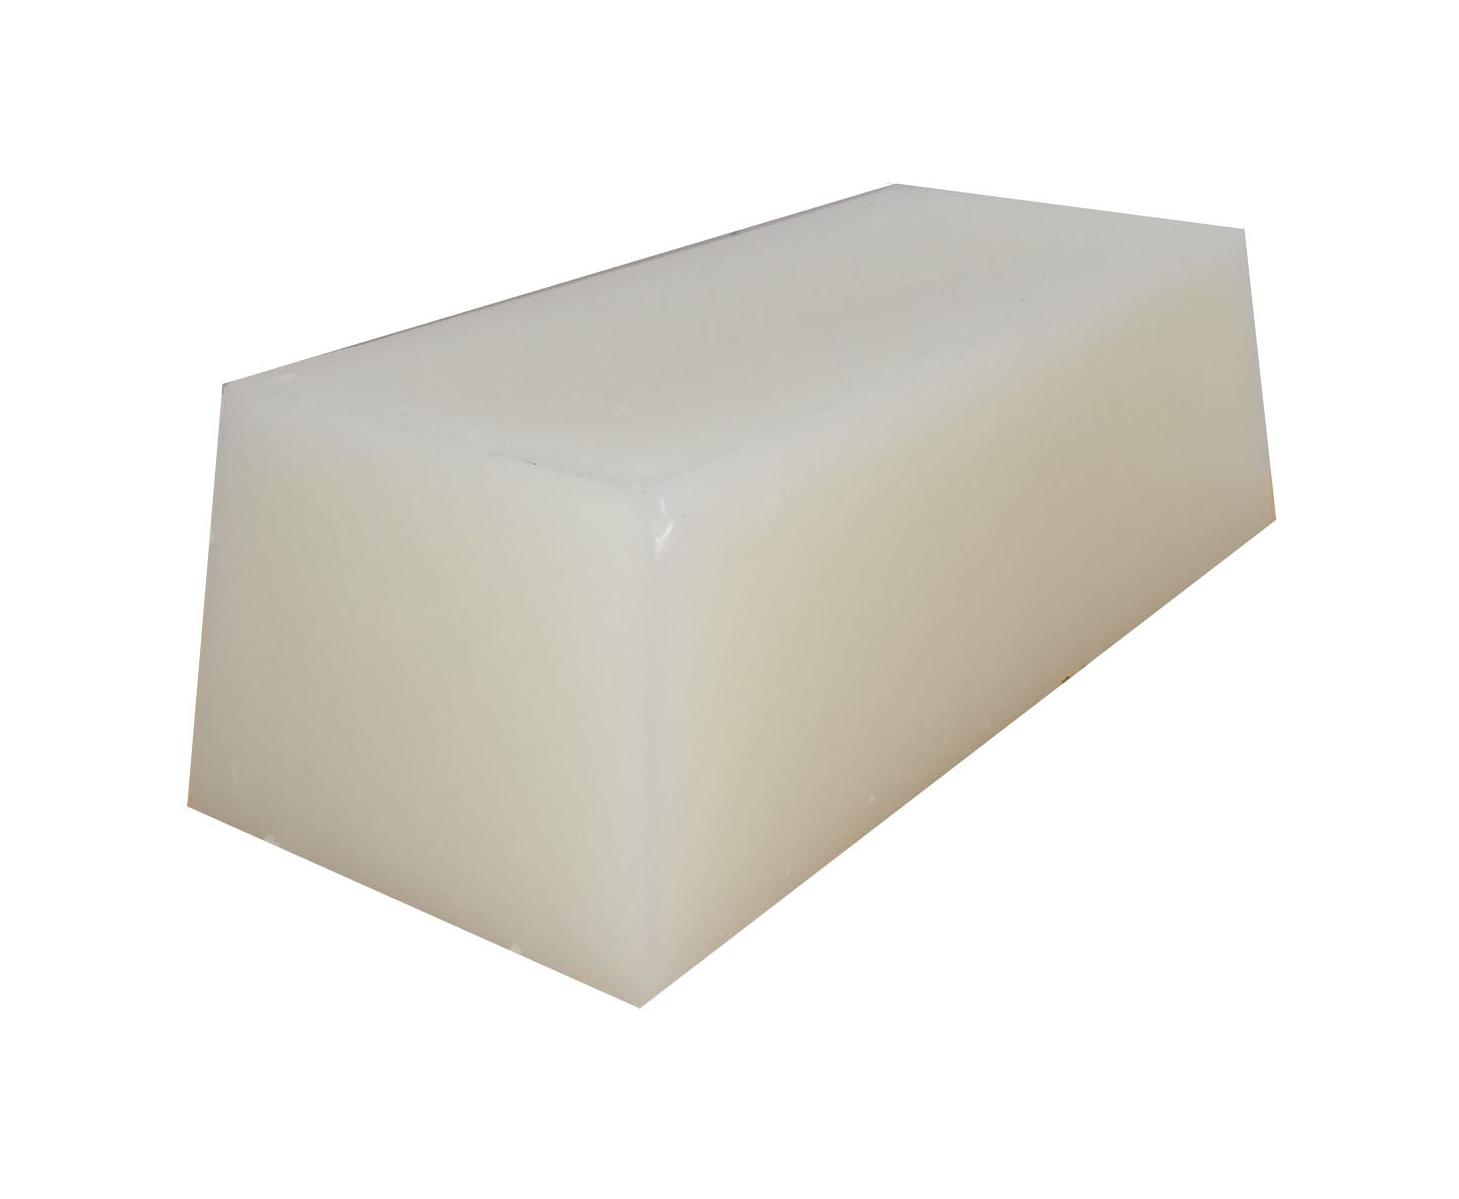 پارافین جامد شمع کد p02 وزن 850 گرم